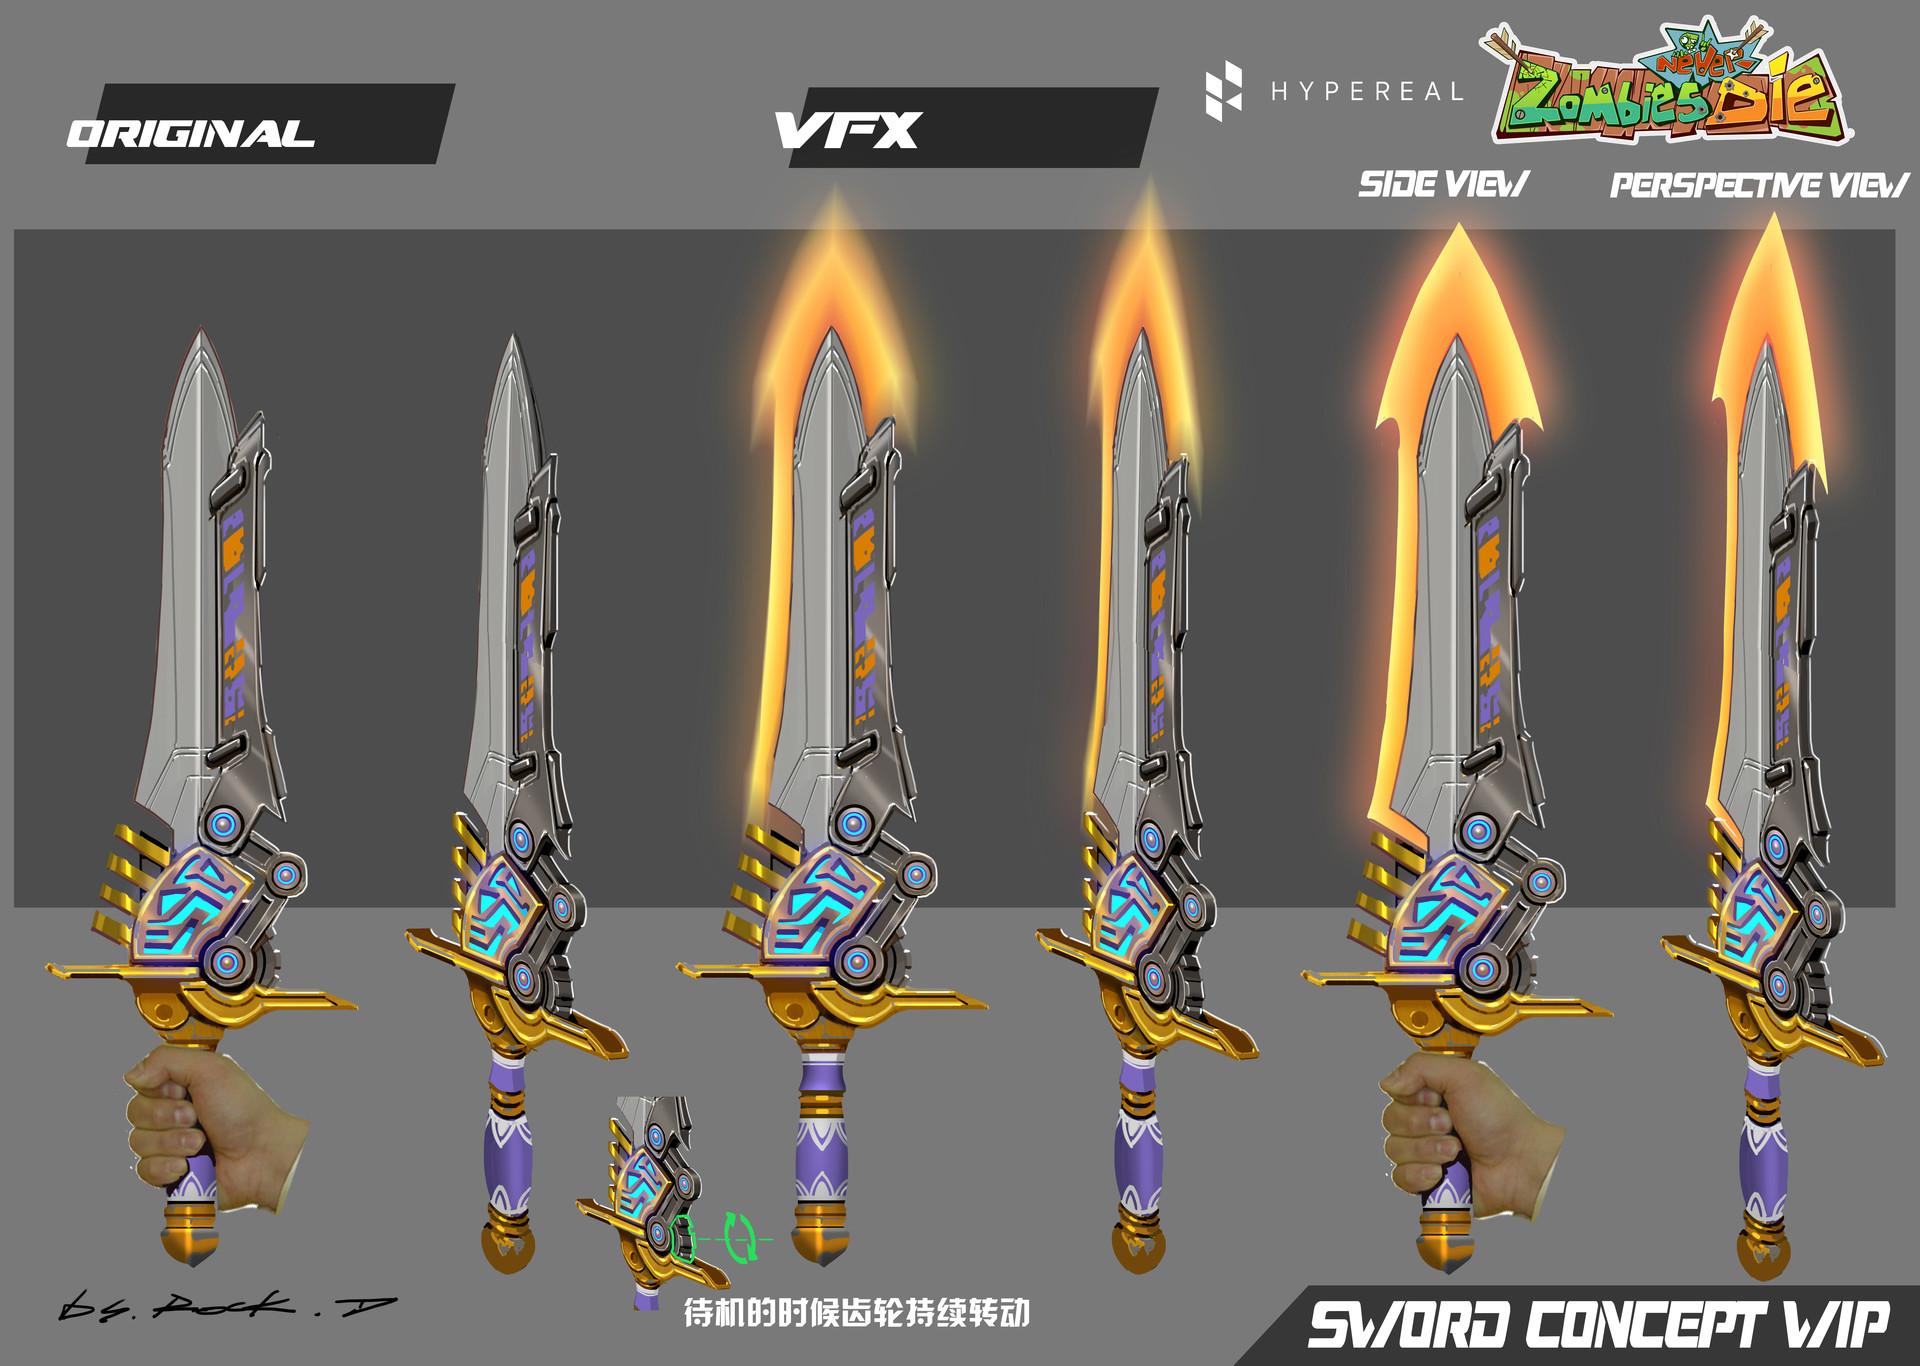 Rock d sword concept